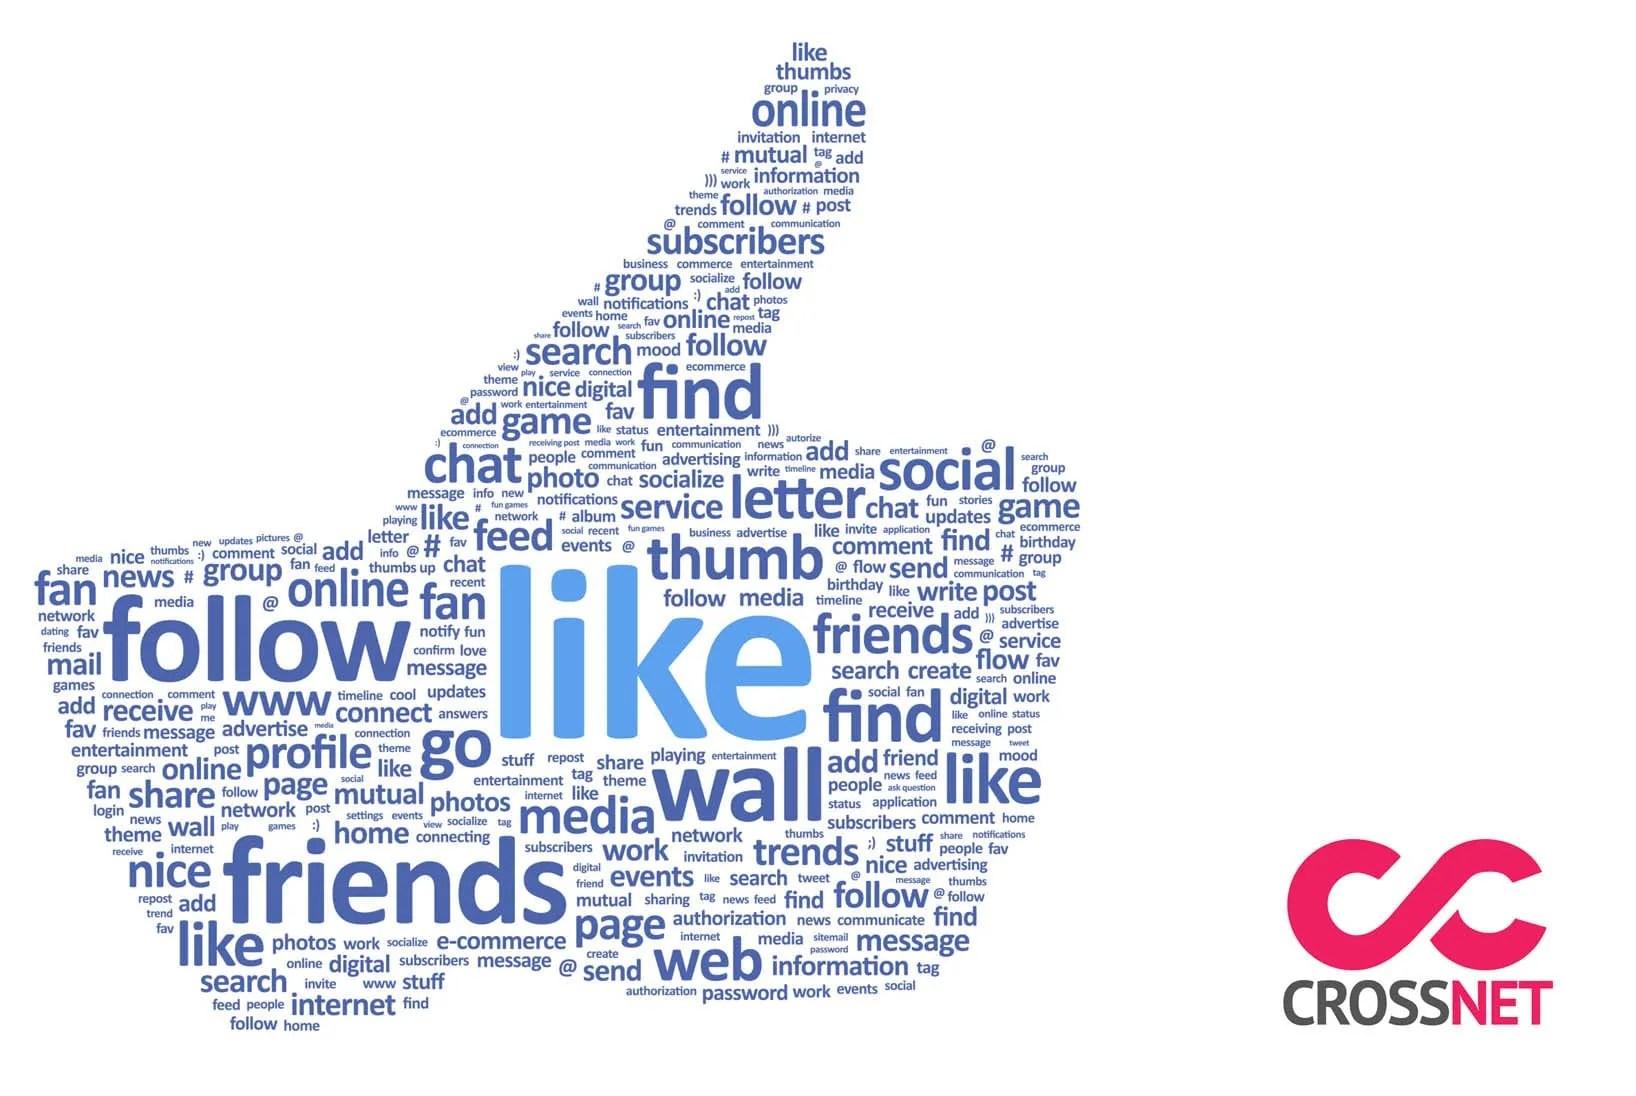 crossnet Marketing